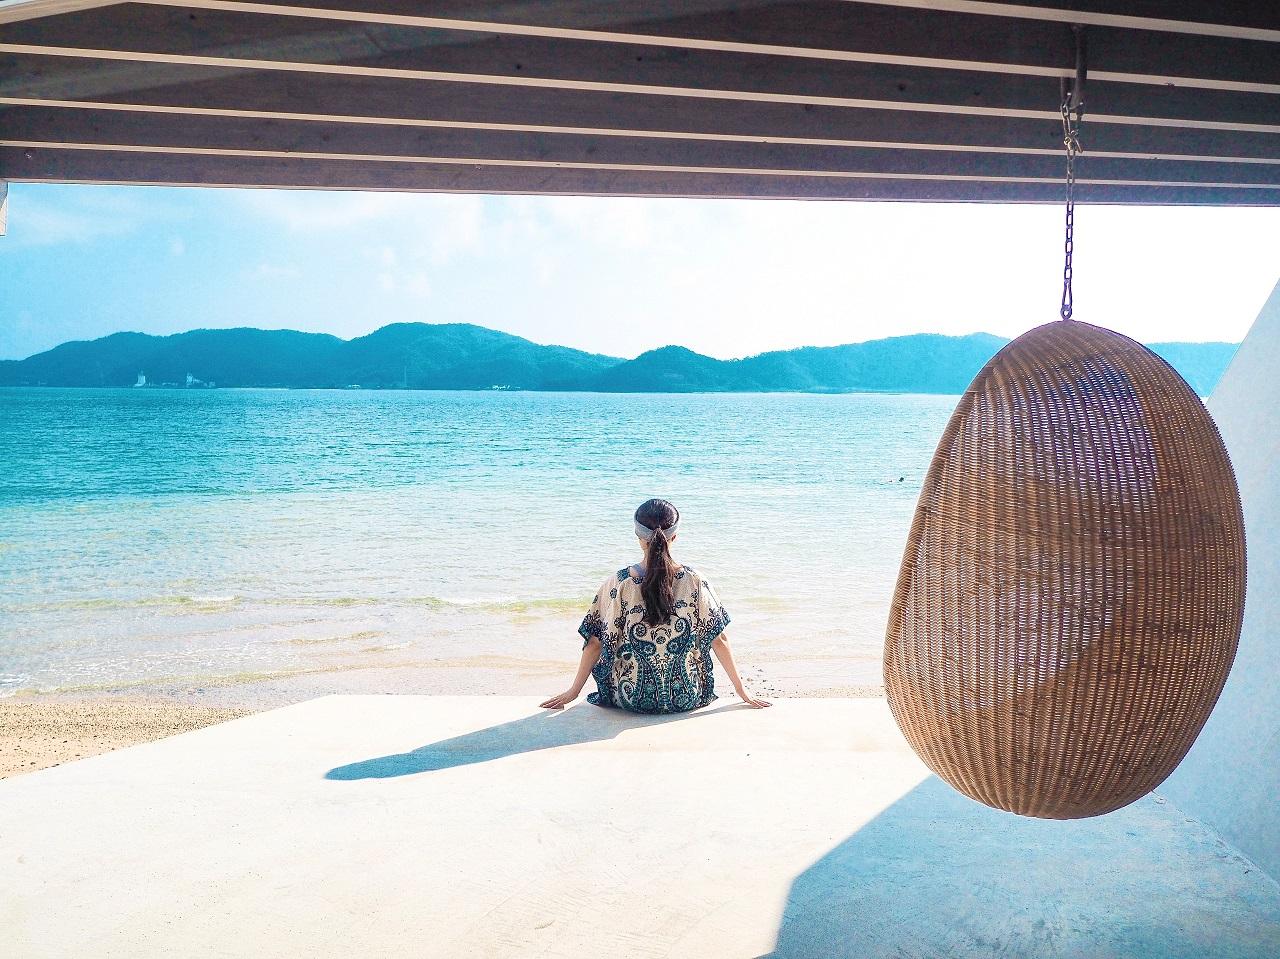 奄美大島の伝泊(でんぱく)宿泊ルポ1~新年の休暇はオンザビーチの極上宿へ